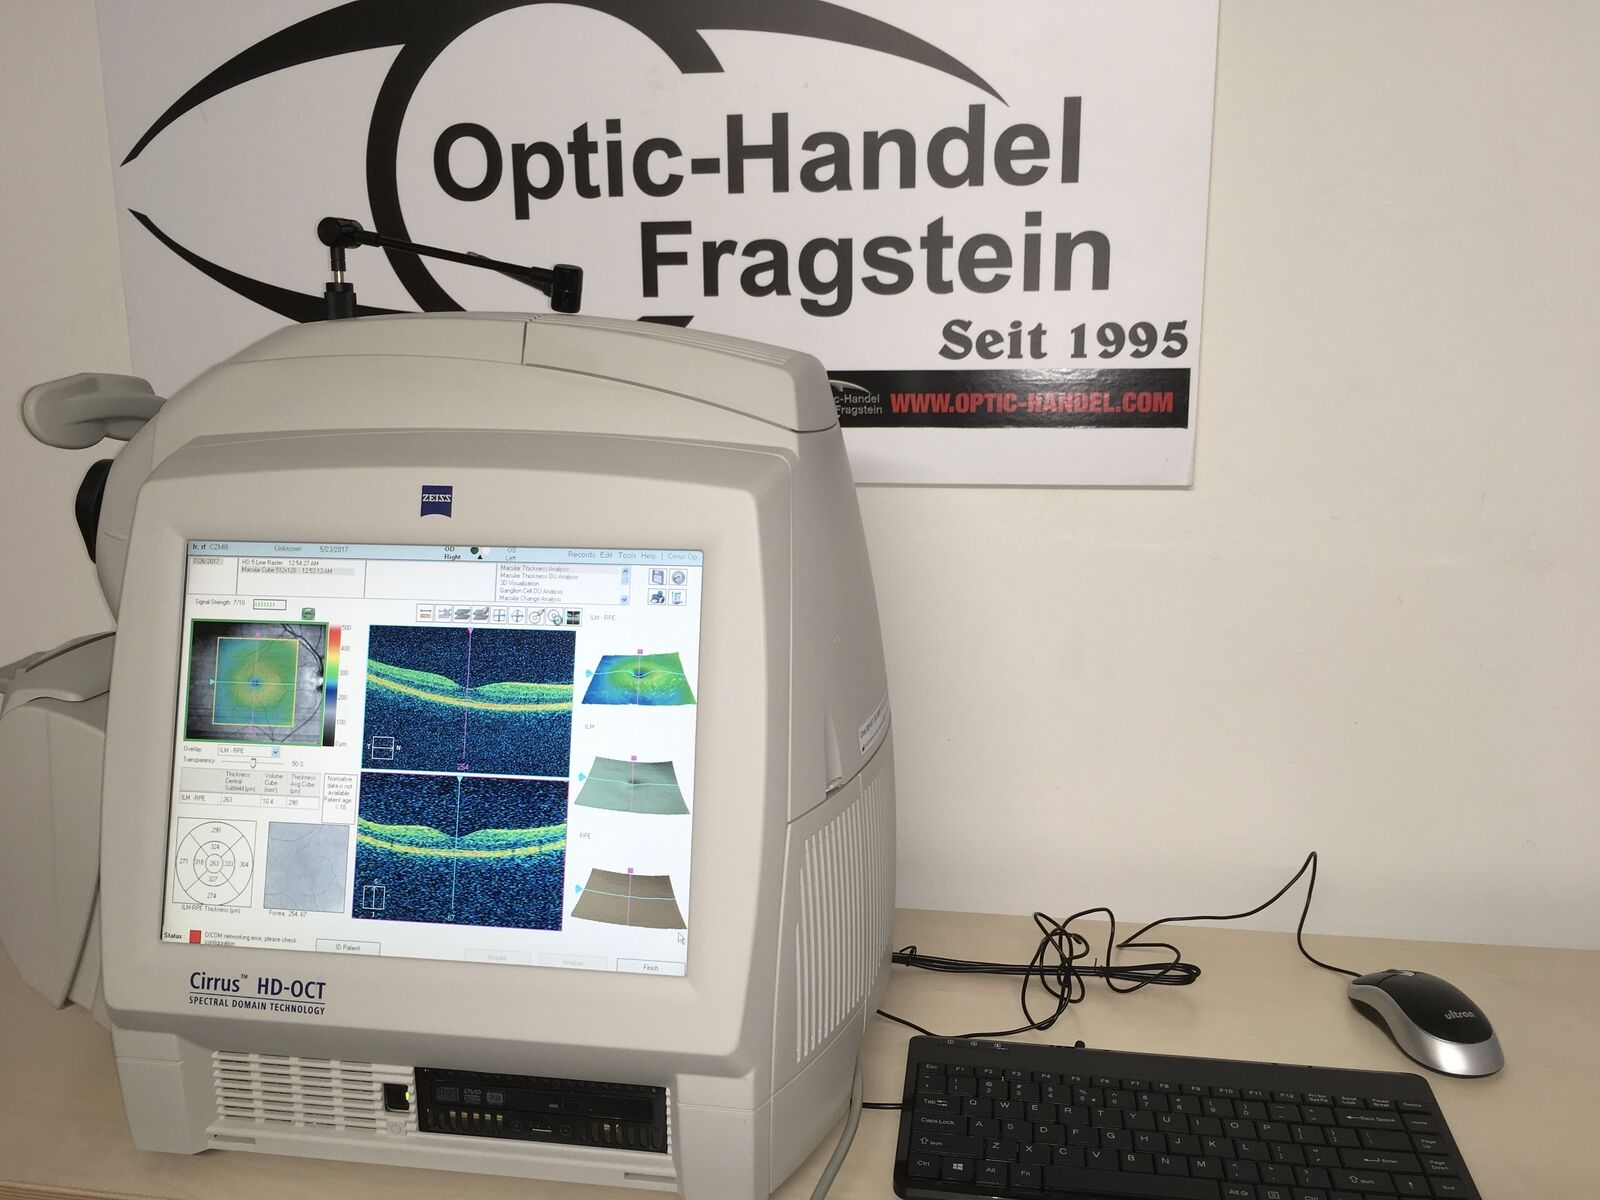 optic-handel*c o m